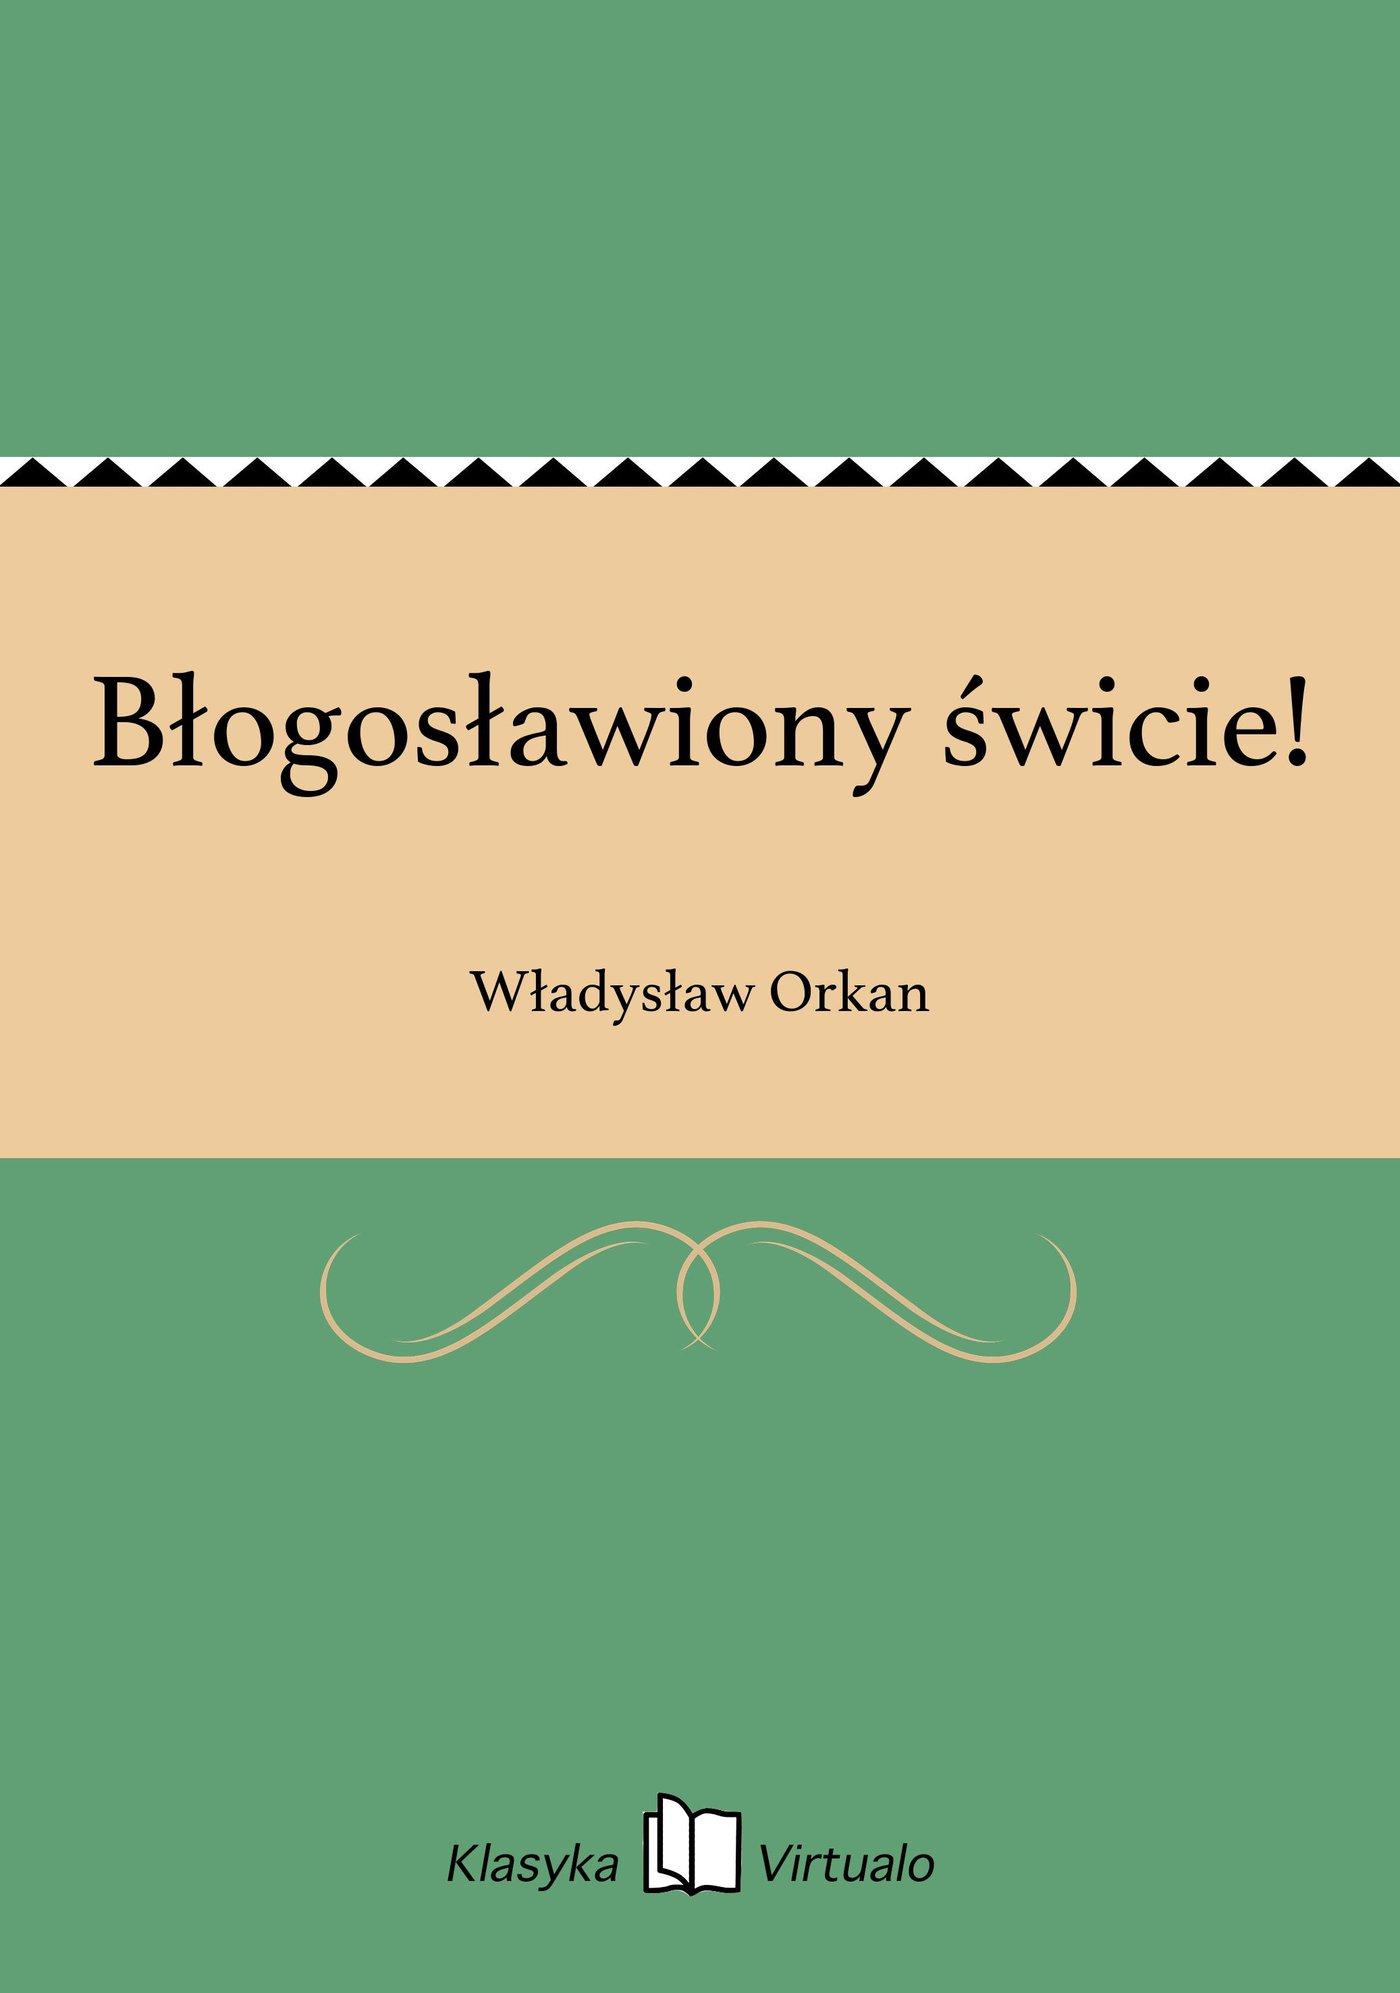 Błogosławiony świcie! - Ebook (Książka na Kindle) do pobrania w formacie MOBI